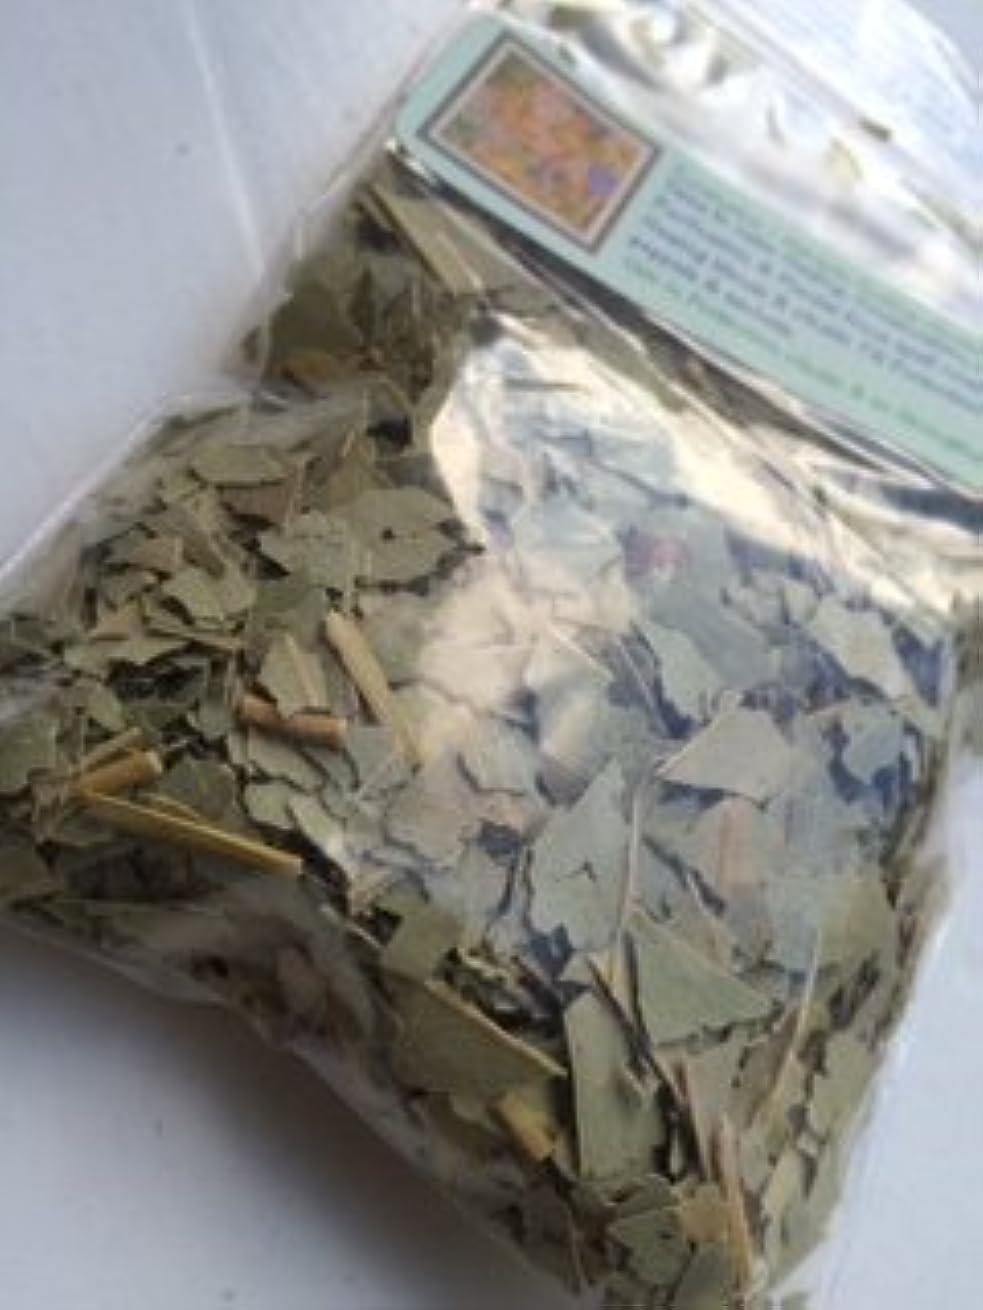 予測ビタミン安定したDried Herb ~ 1 oz ~ユーカリカットリーフ~ Ravenz Roost Dried Herbs with special Info Onラベル